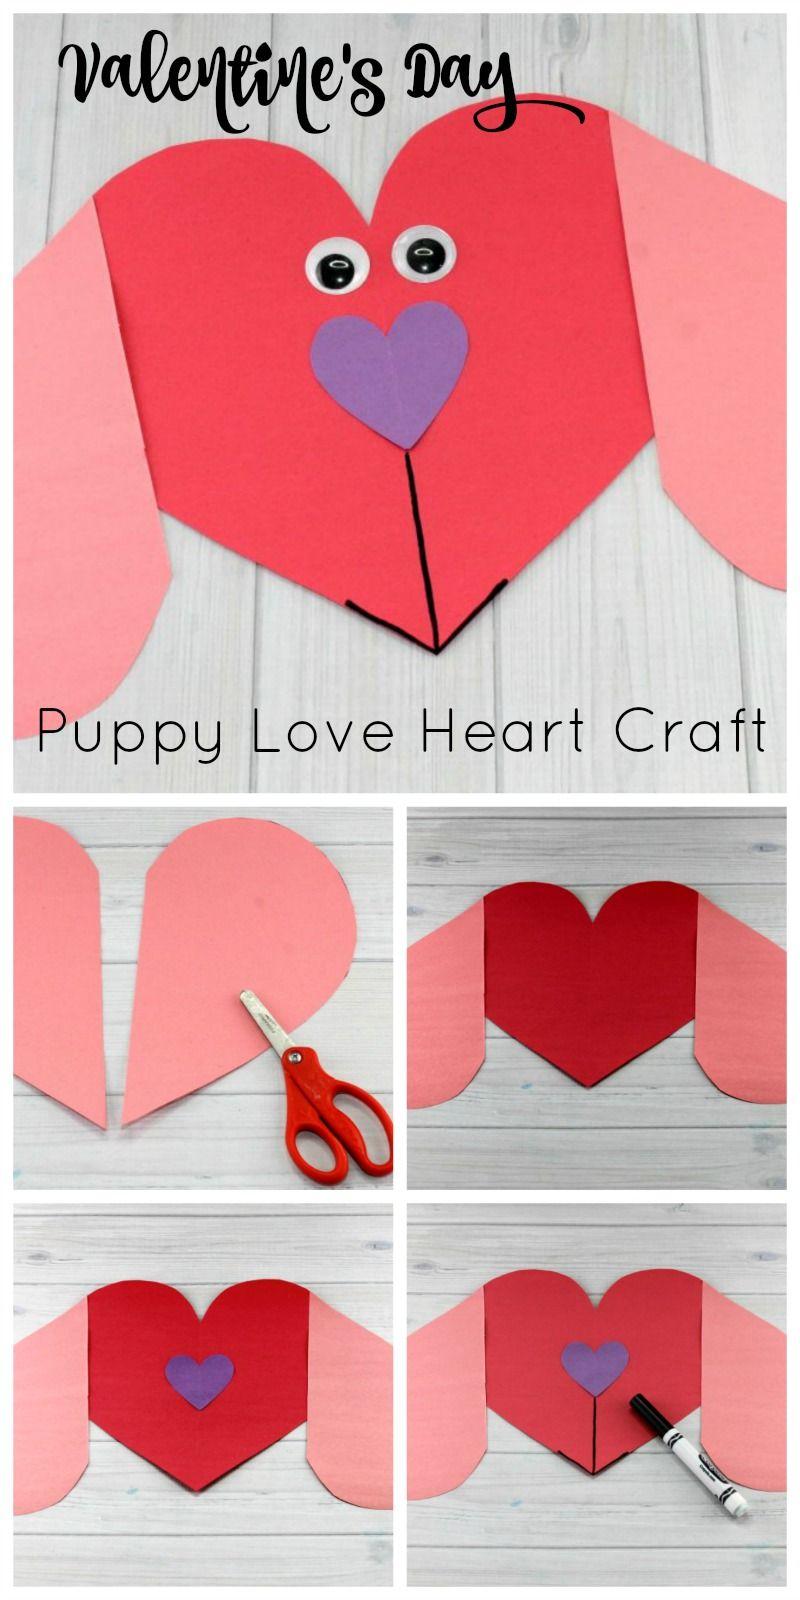 Puppy Love Preschool Heart Craft To Make This Valentine S Day